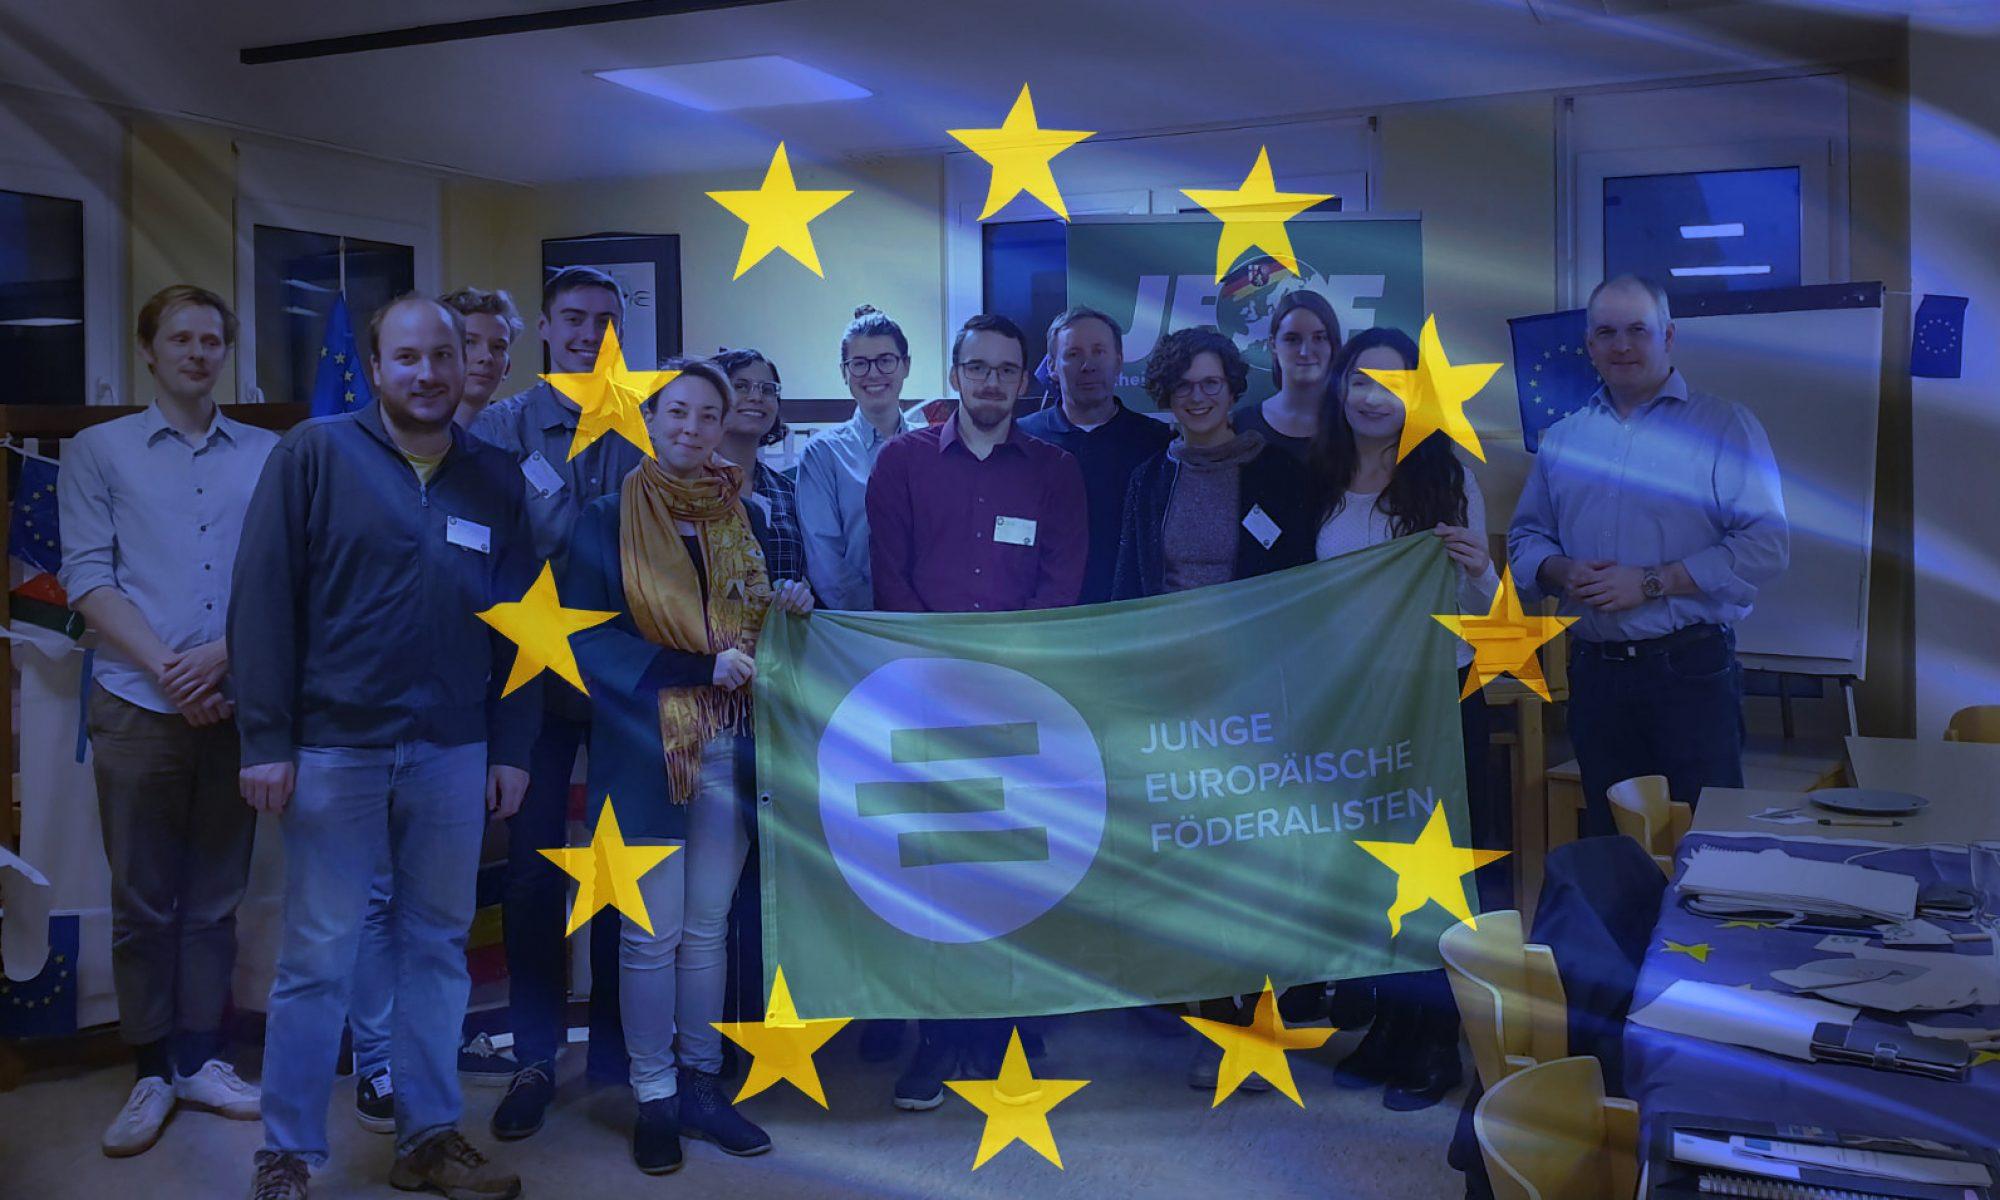 Junge Europäische Föderalisten Rheinland-Pfalz